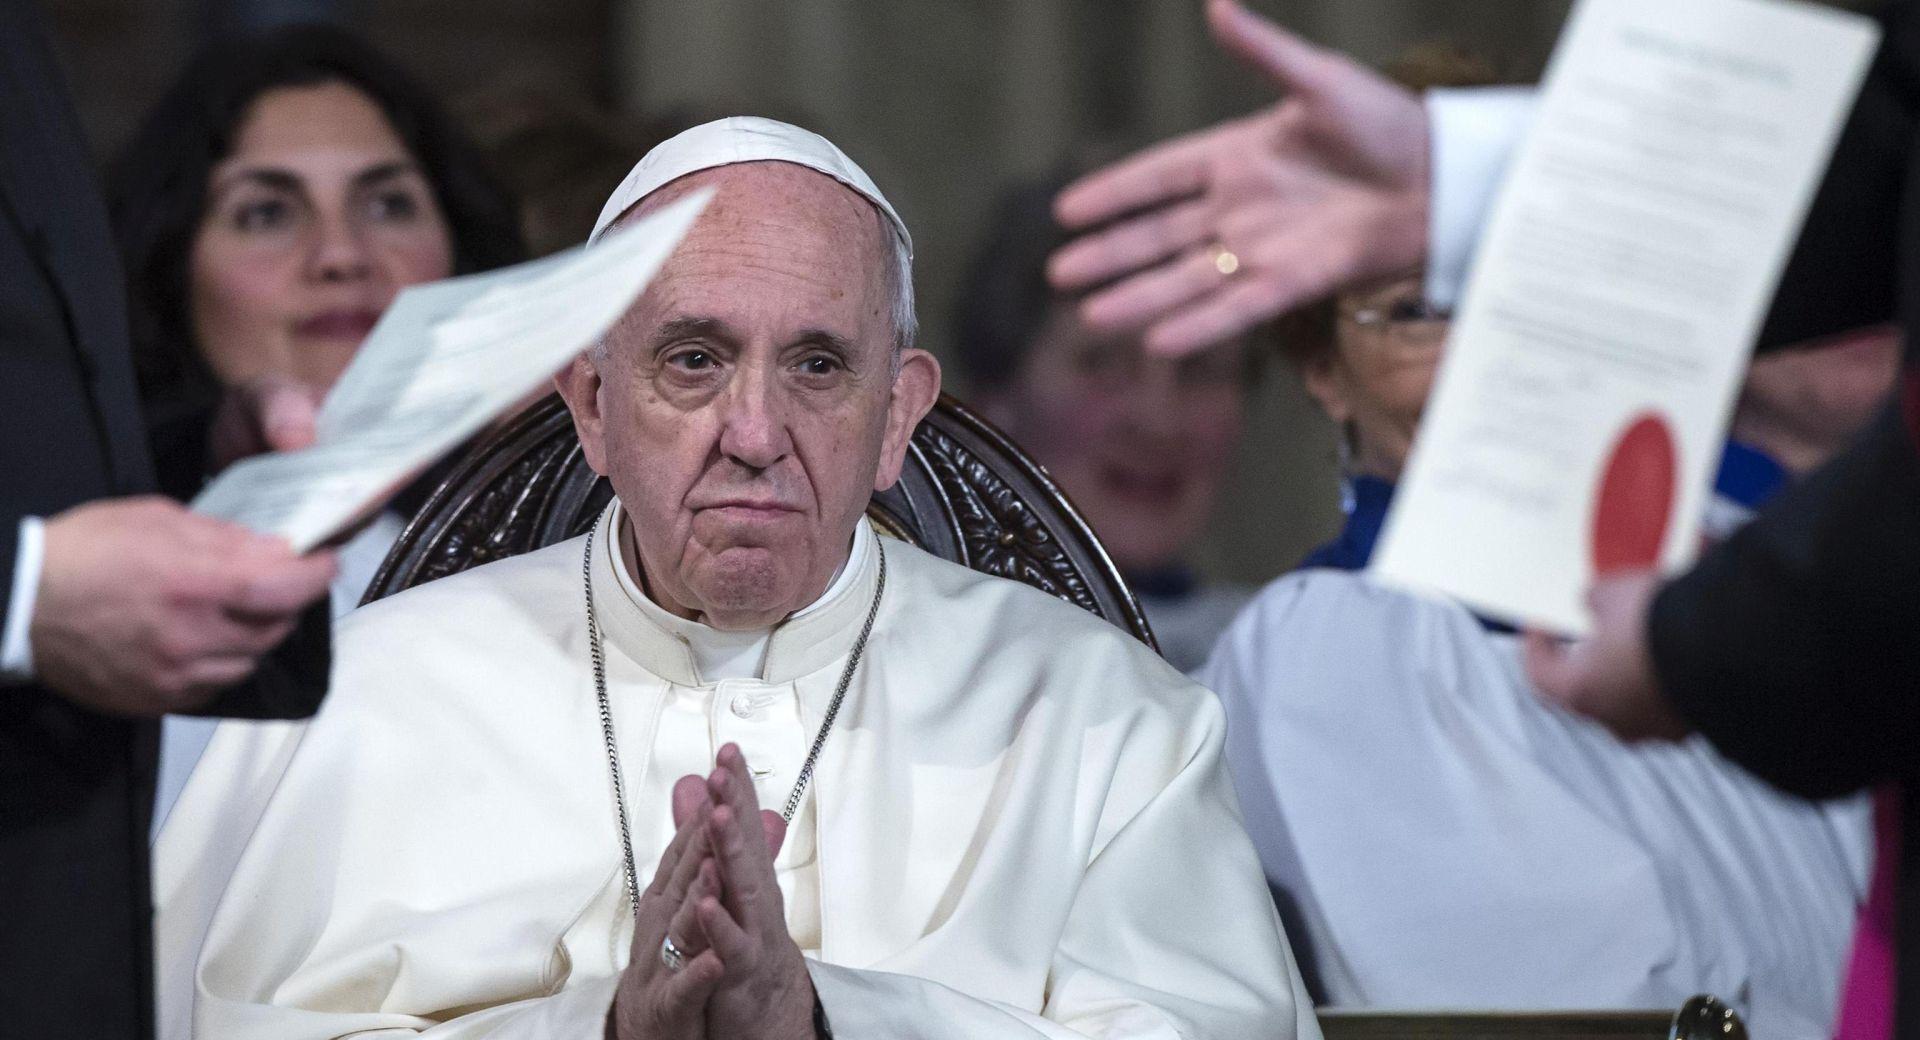 Sporazum Vatikana i Kine još nije na vidiku, dijalog se nastavlja